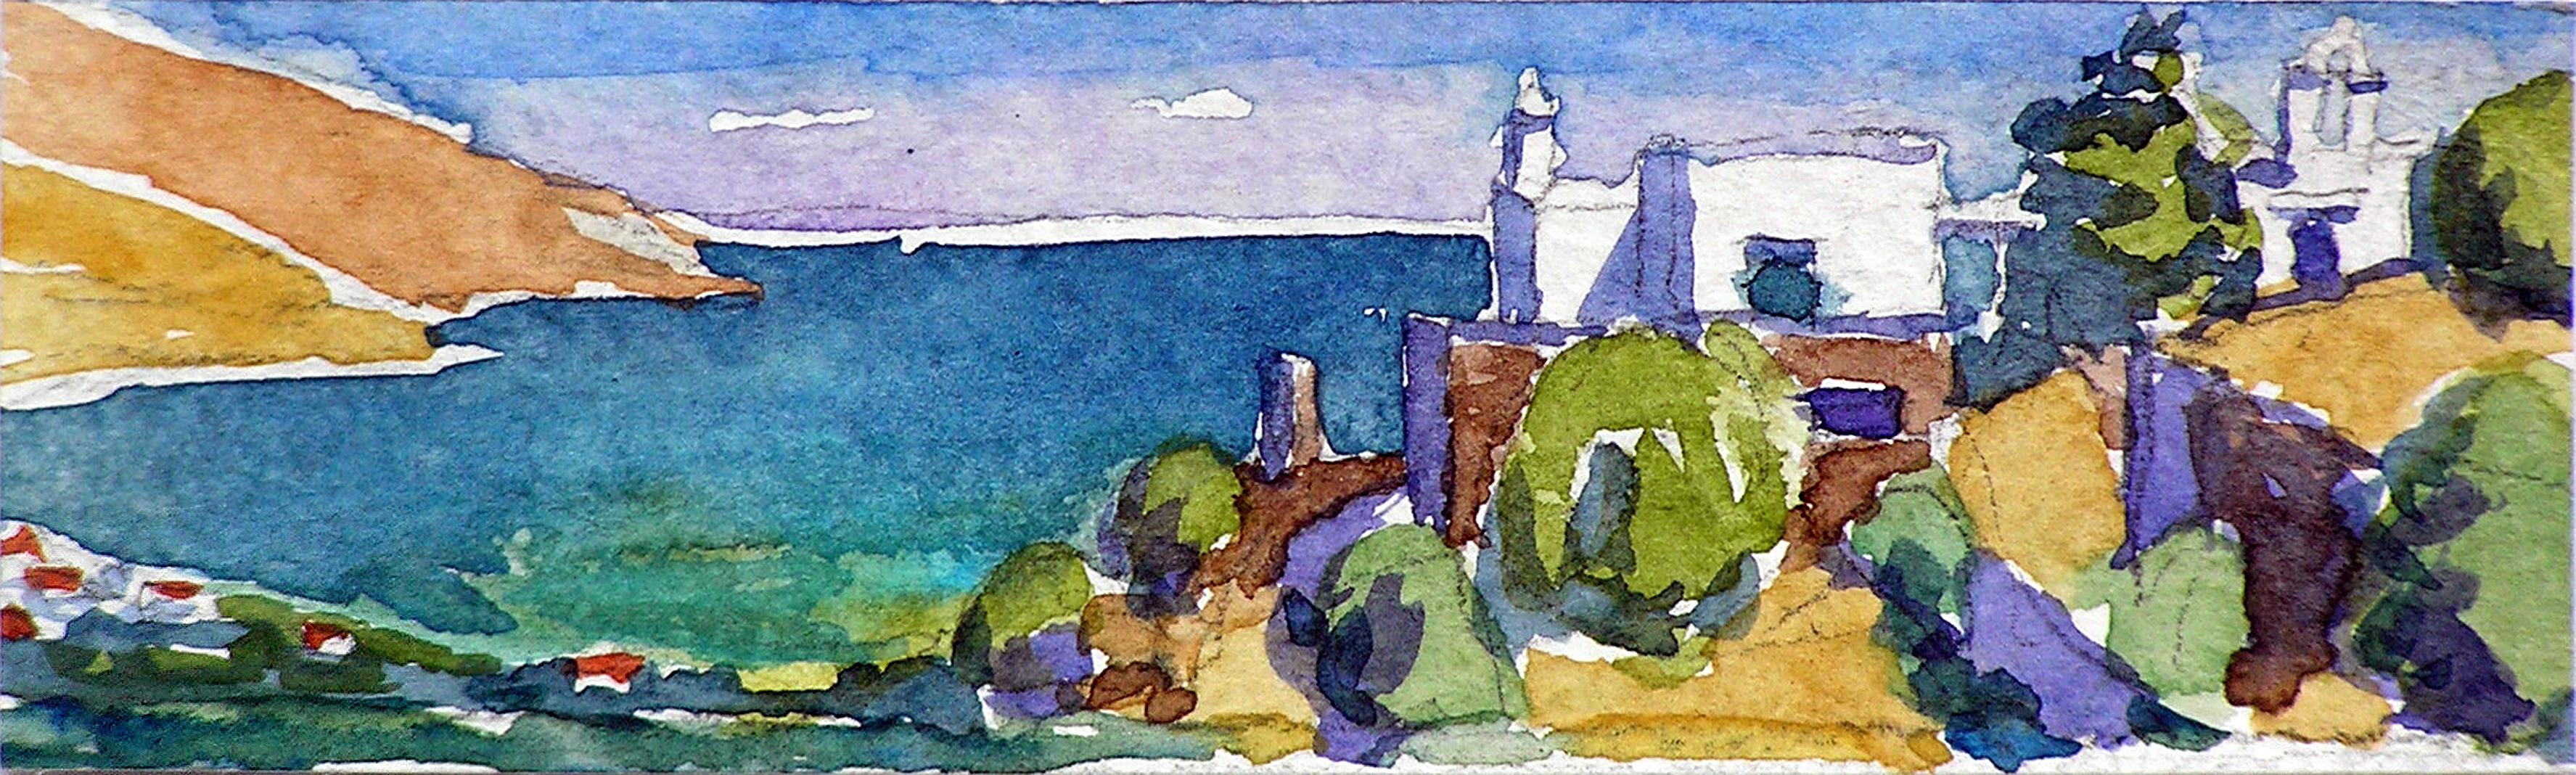 Anastasia's View, Andros